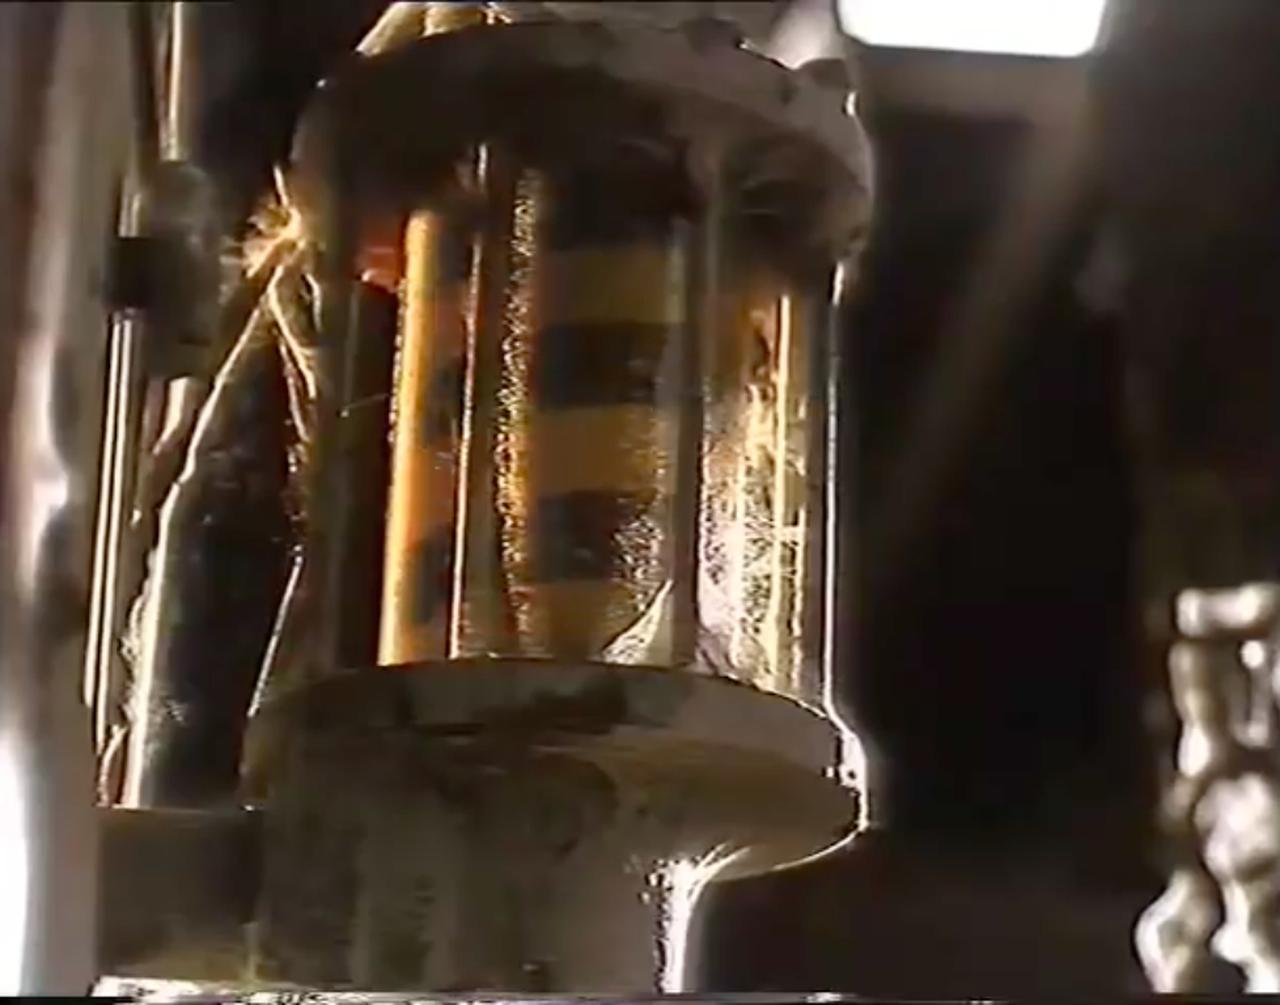 画像: でも、都合よく(CMですから⁉︎)、小屋の中に給油機があるんですよね〜(笑)。 youtu.be